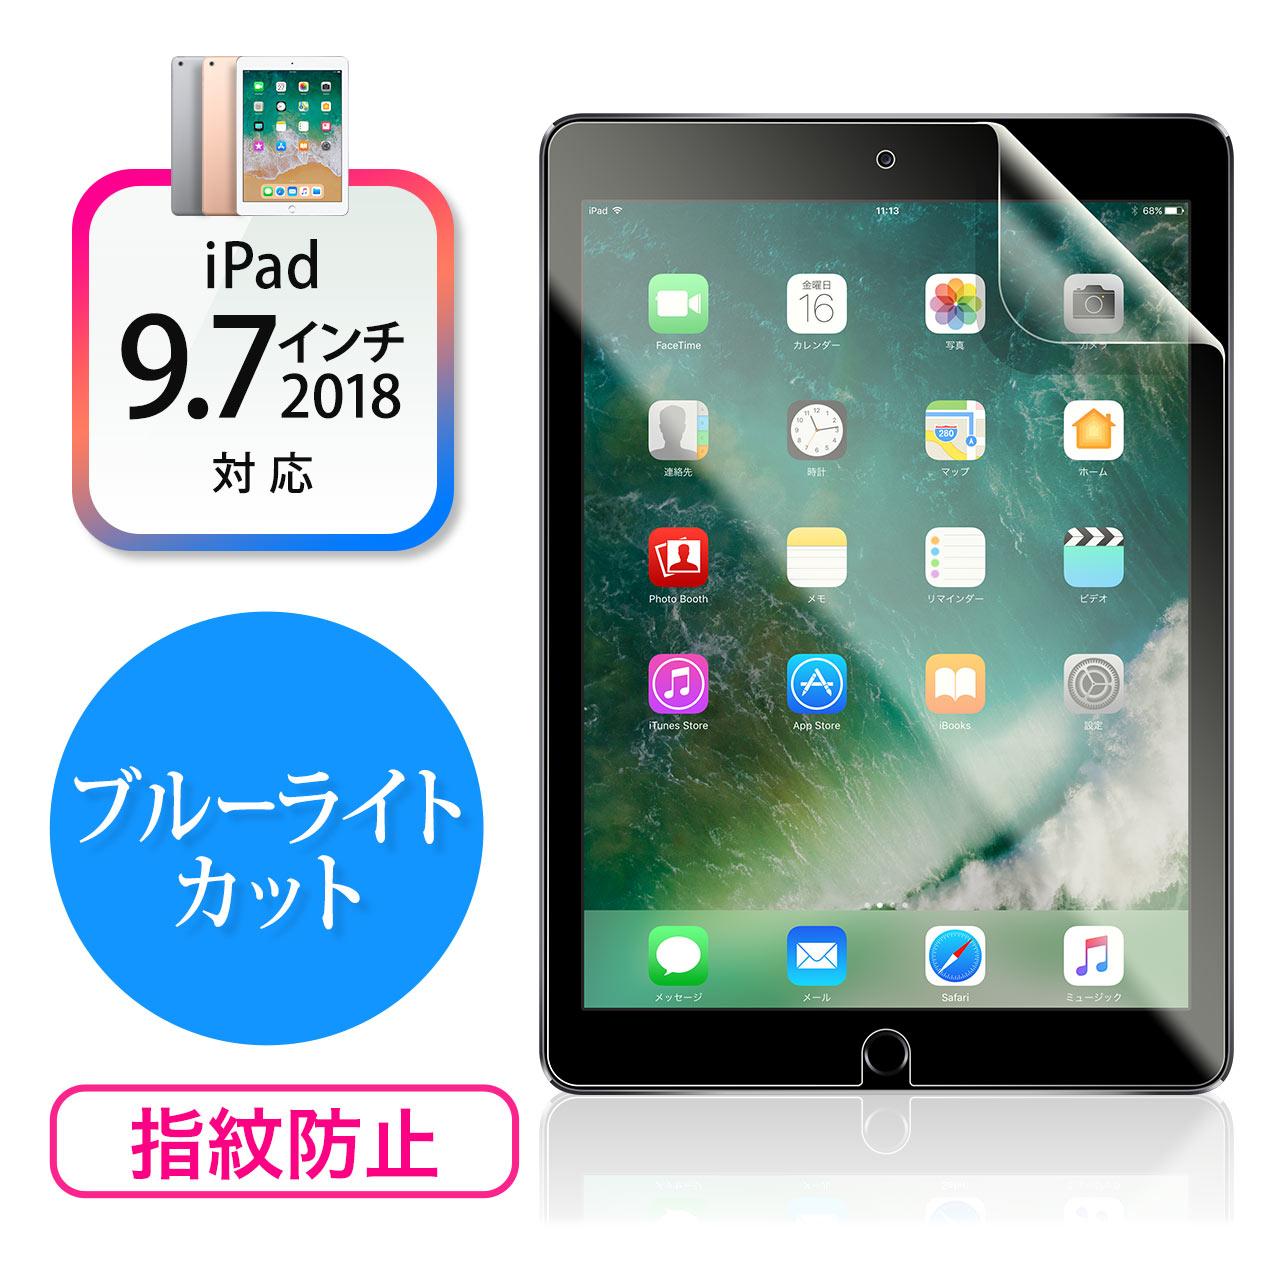 9.7インチiPad Pro/9.7インチiPad(2018/2017)/iPad Air2/Airブルーライトカットフィルム(硬度2H・反射防止・指紋防止) サンワダイレクト サンワサプライ 200-LCD045B